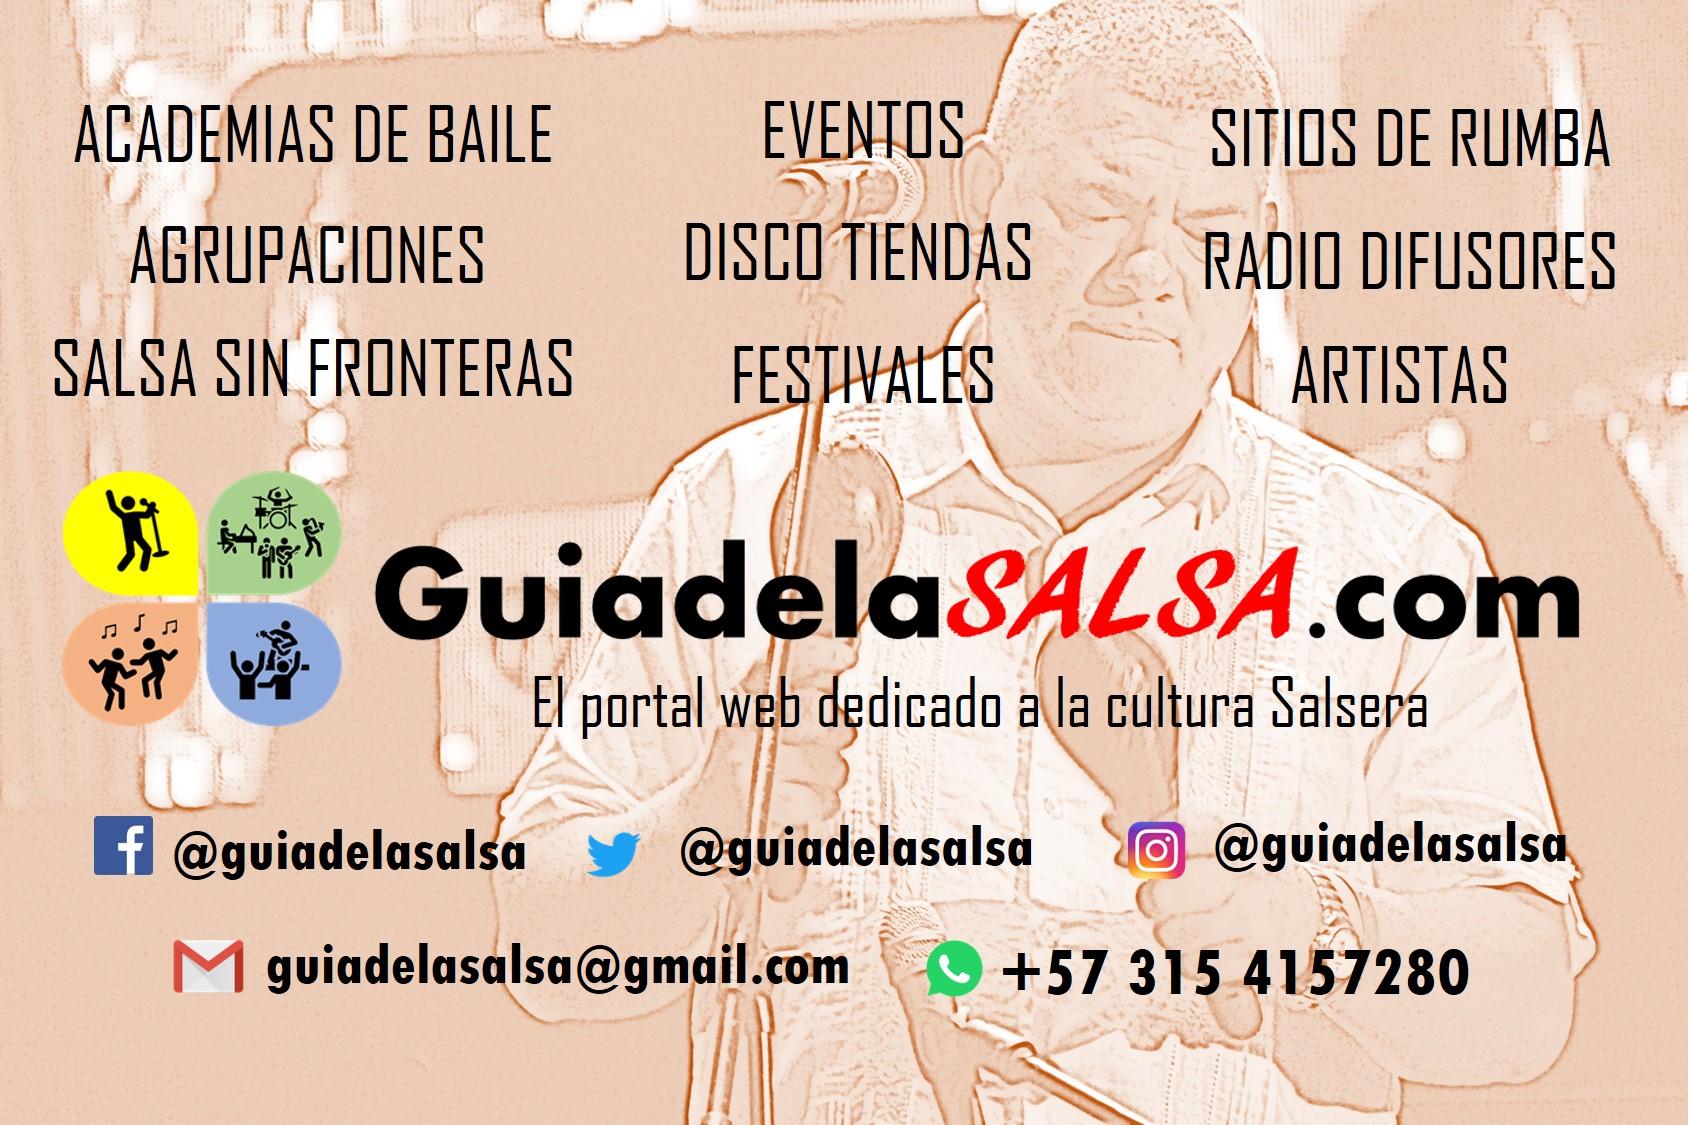 Guía de la Salsa www.guiadelasalsa.com